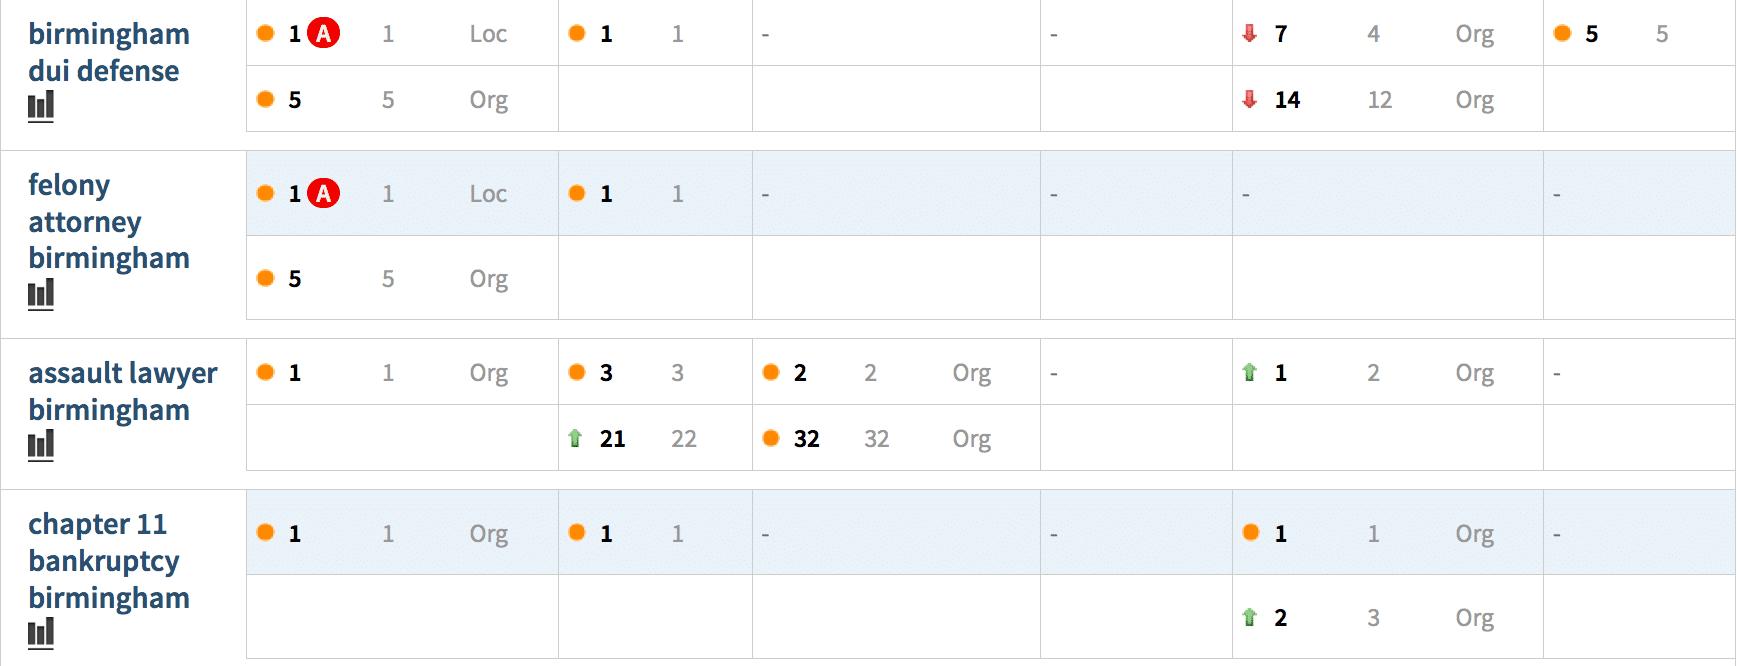 rankings-2